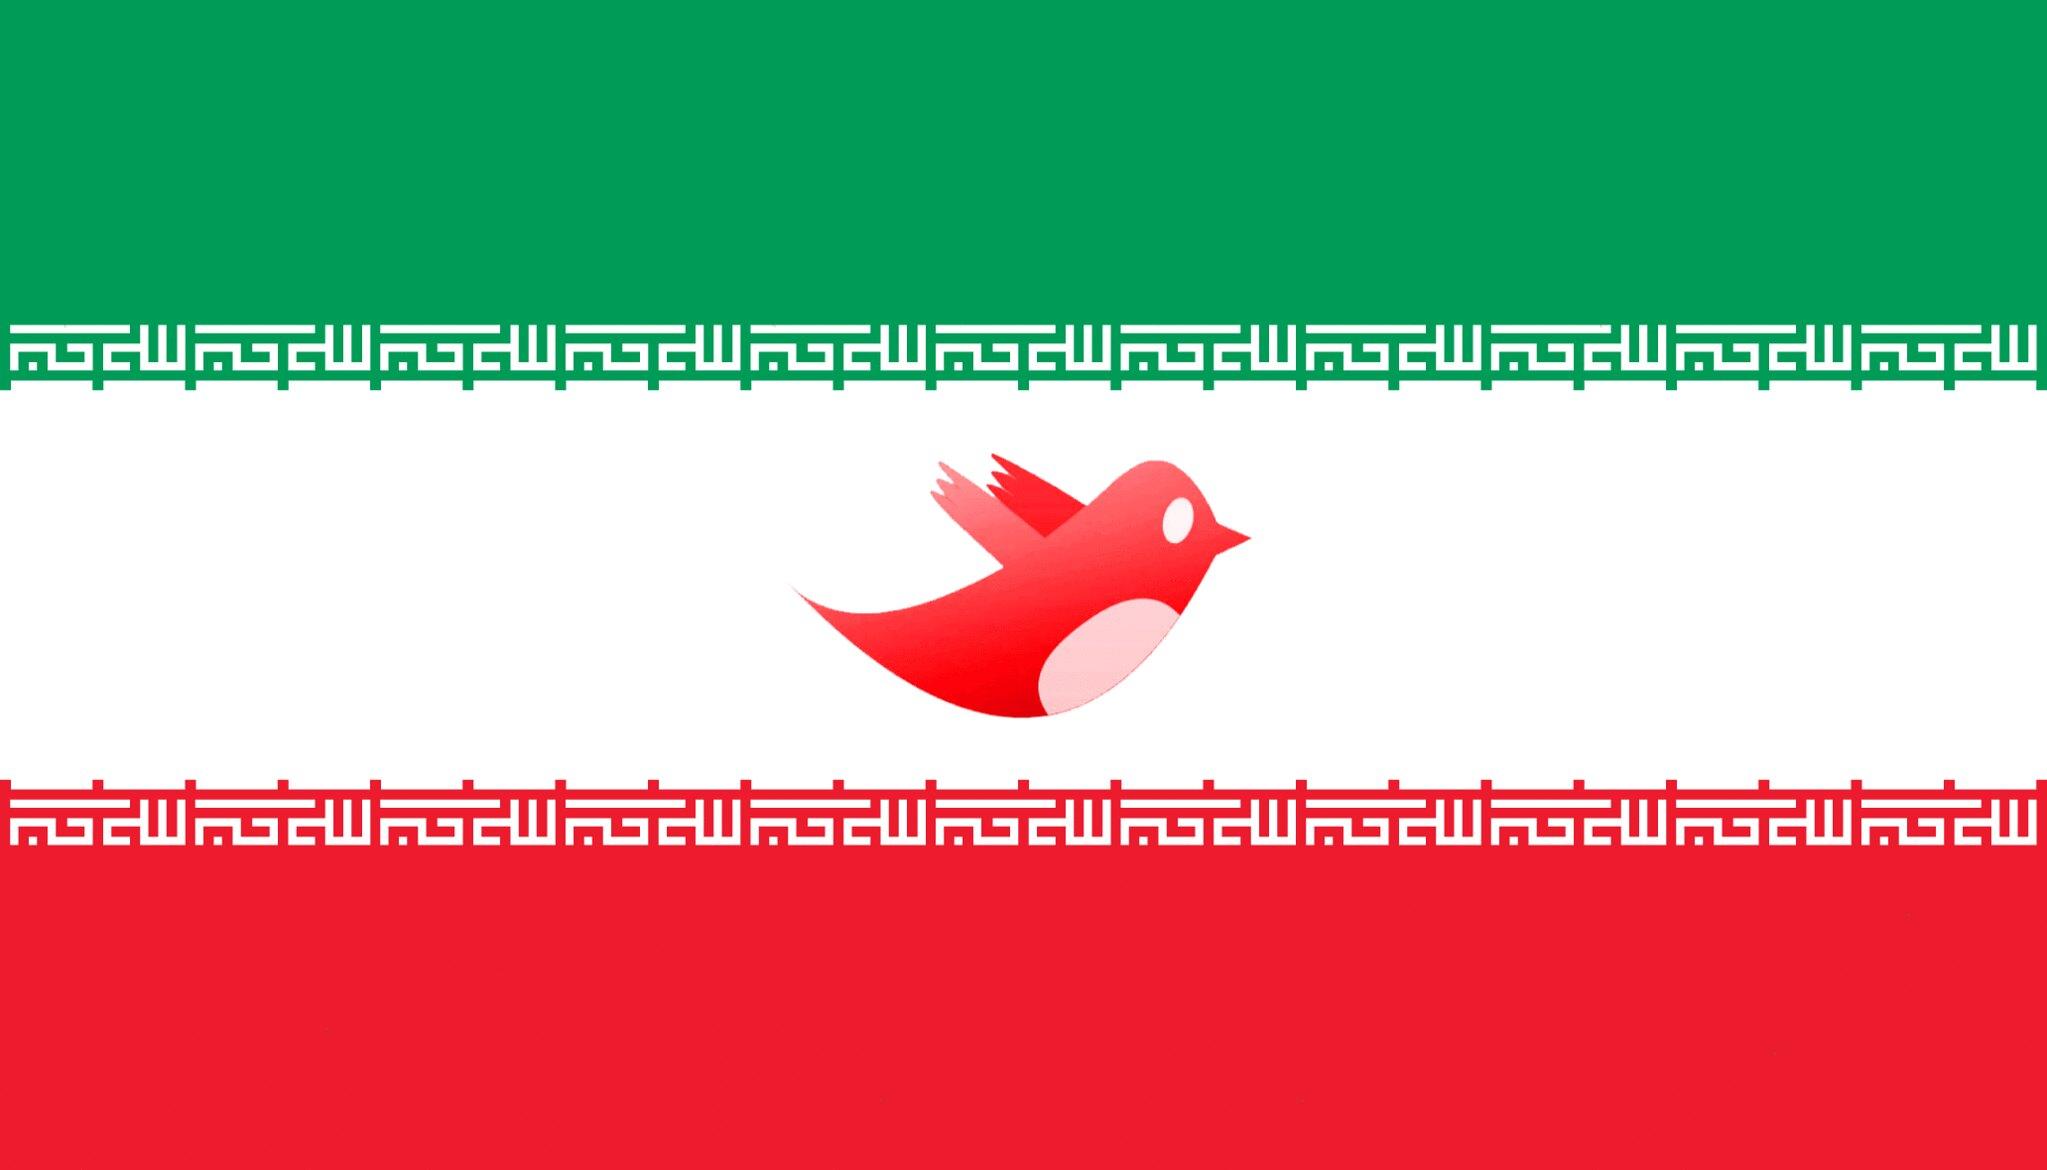 דגל איראן-טוויטר 🖼️ to the People All Power (cc-by-nc)